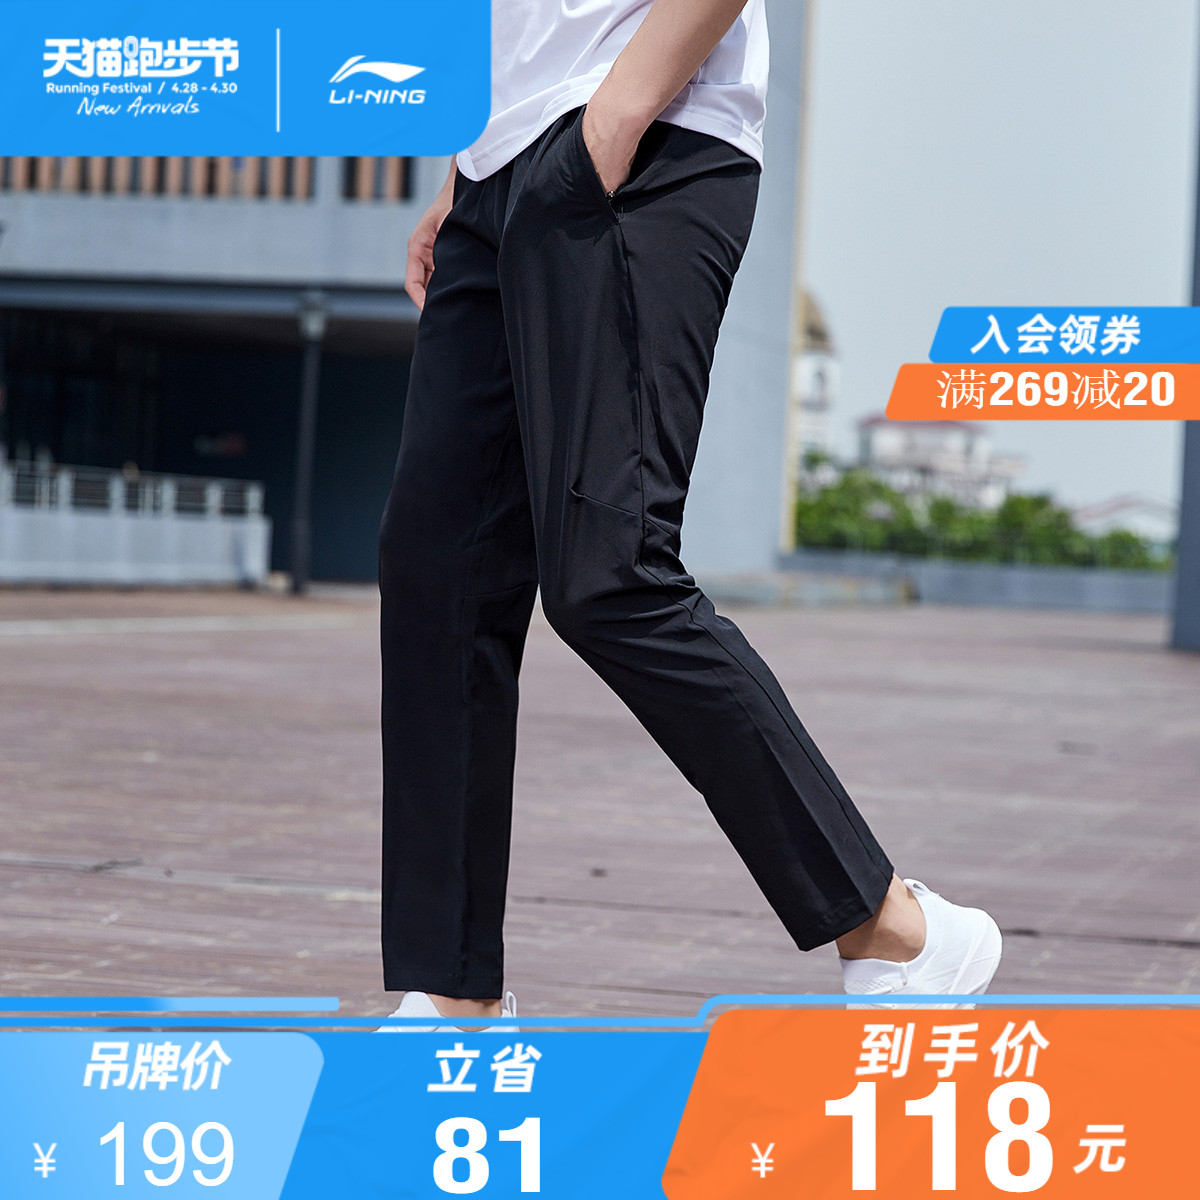 李宁长裤男士新款休闲百搭长裤裤子男子速干凉爽春季运动裤男